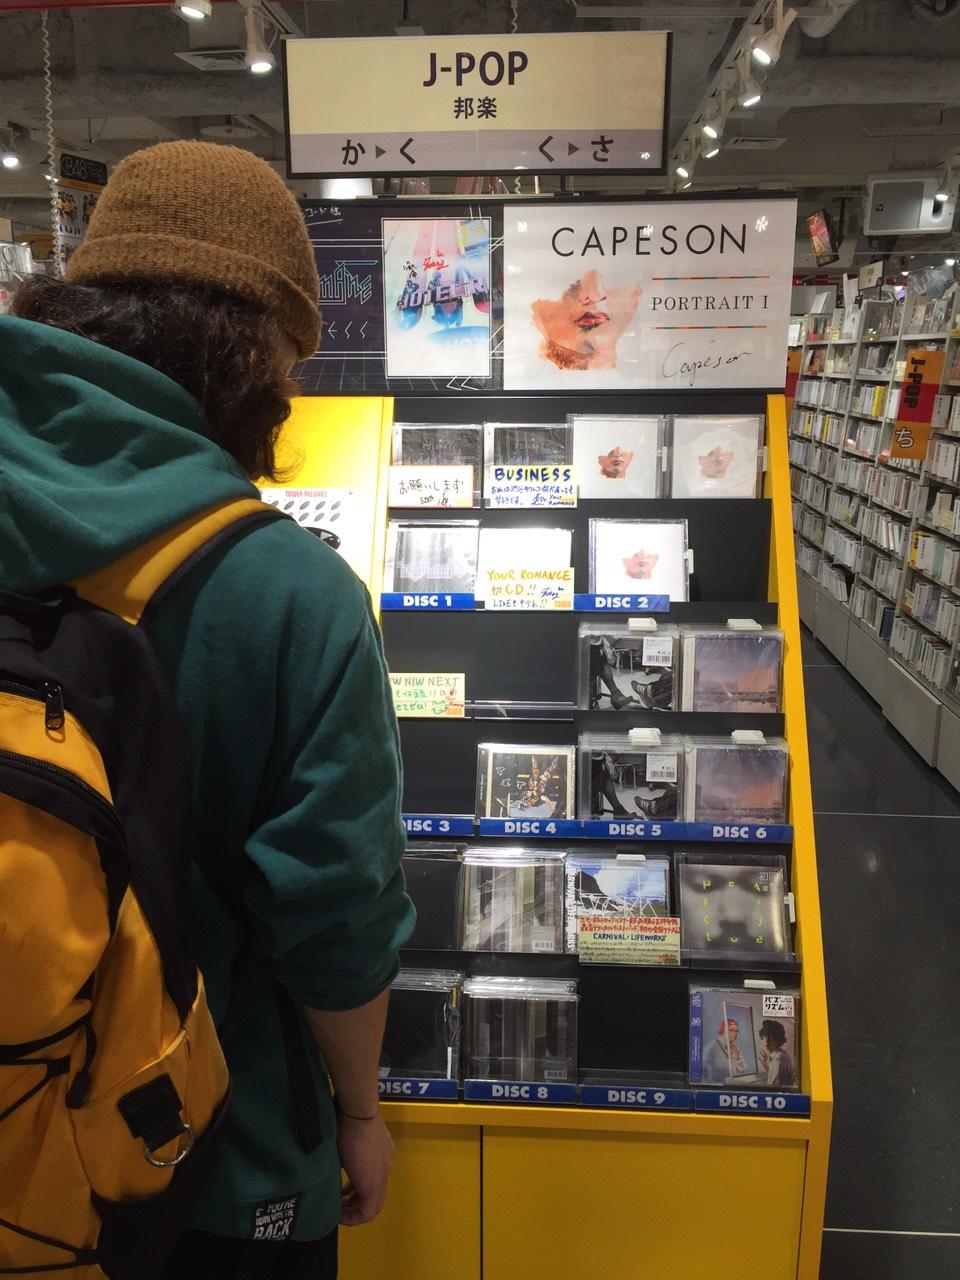 CapesonのCD棚を見つめる小袋 @渋谷タワレコ